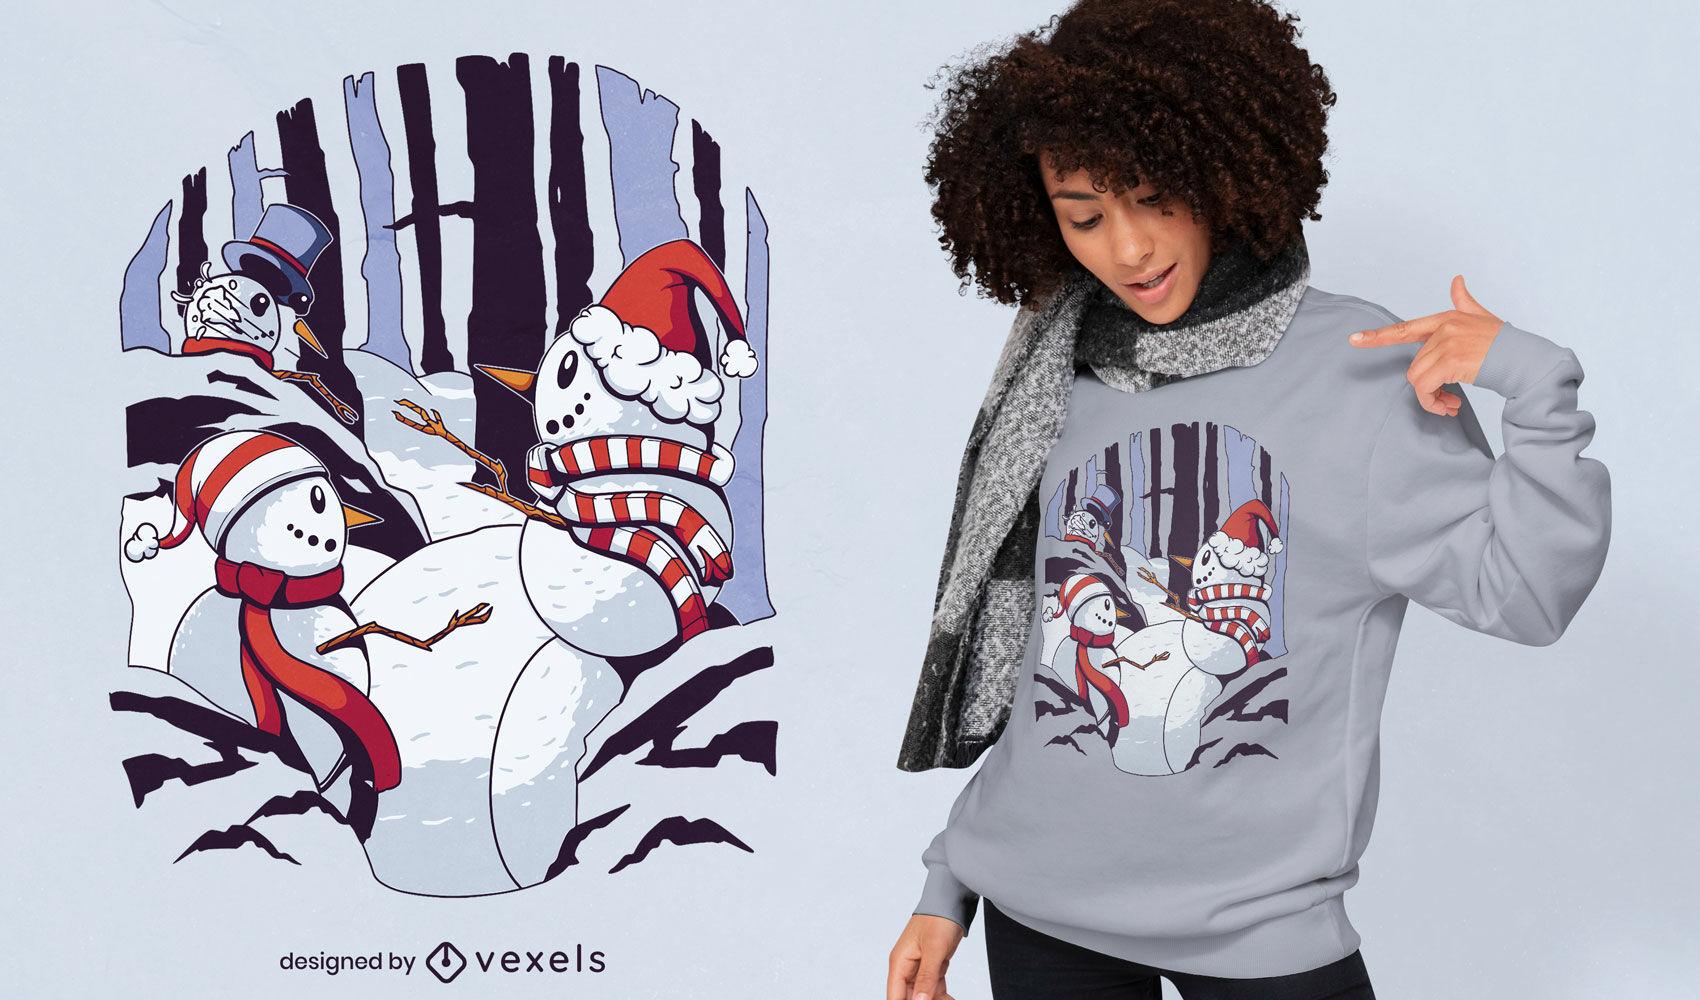 Cool snowballs fight t-shirt design